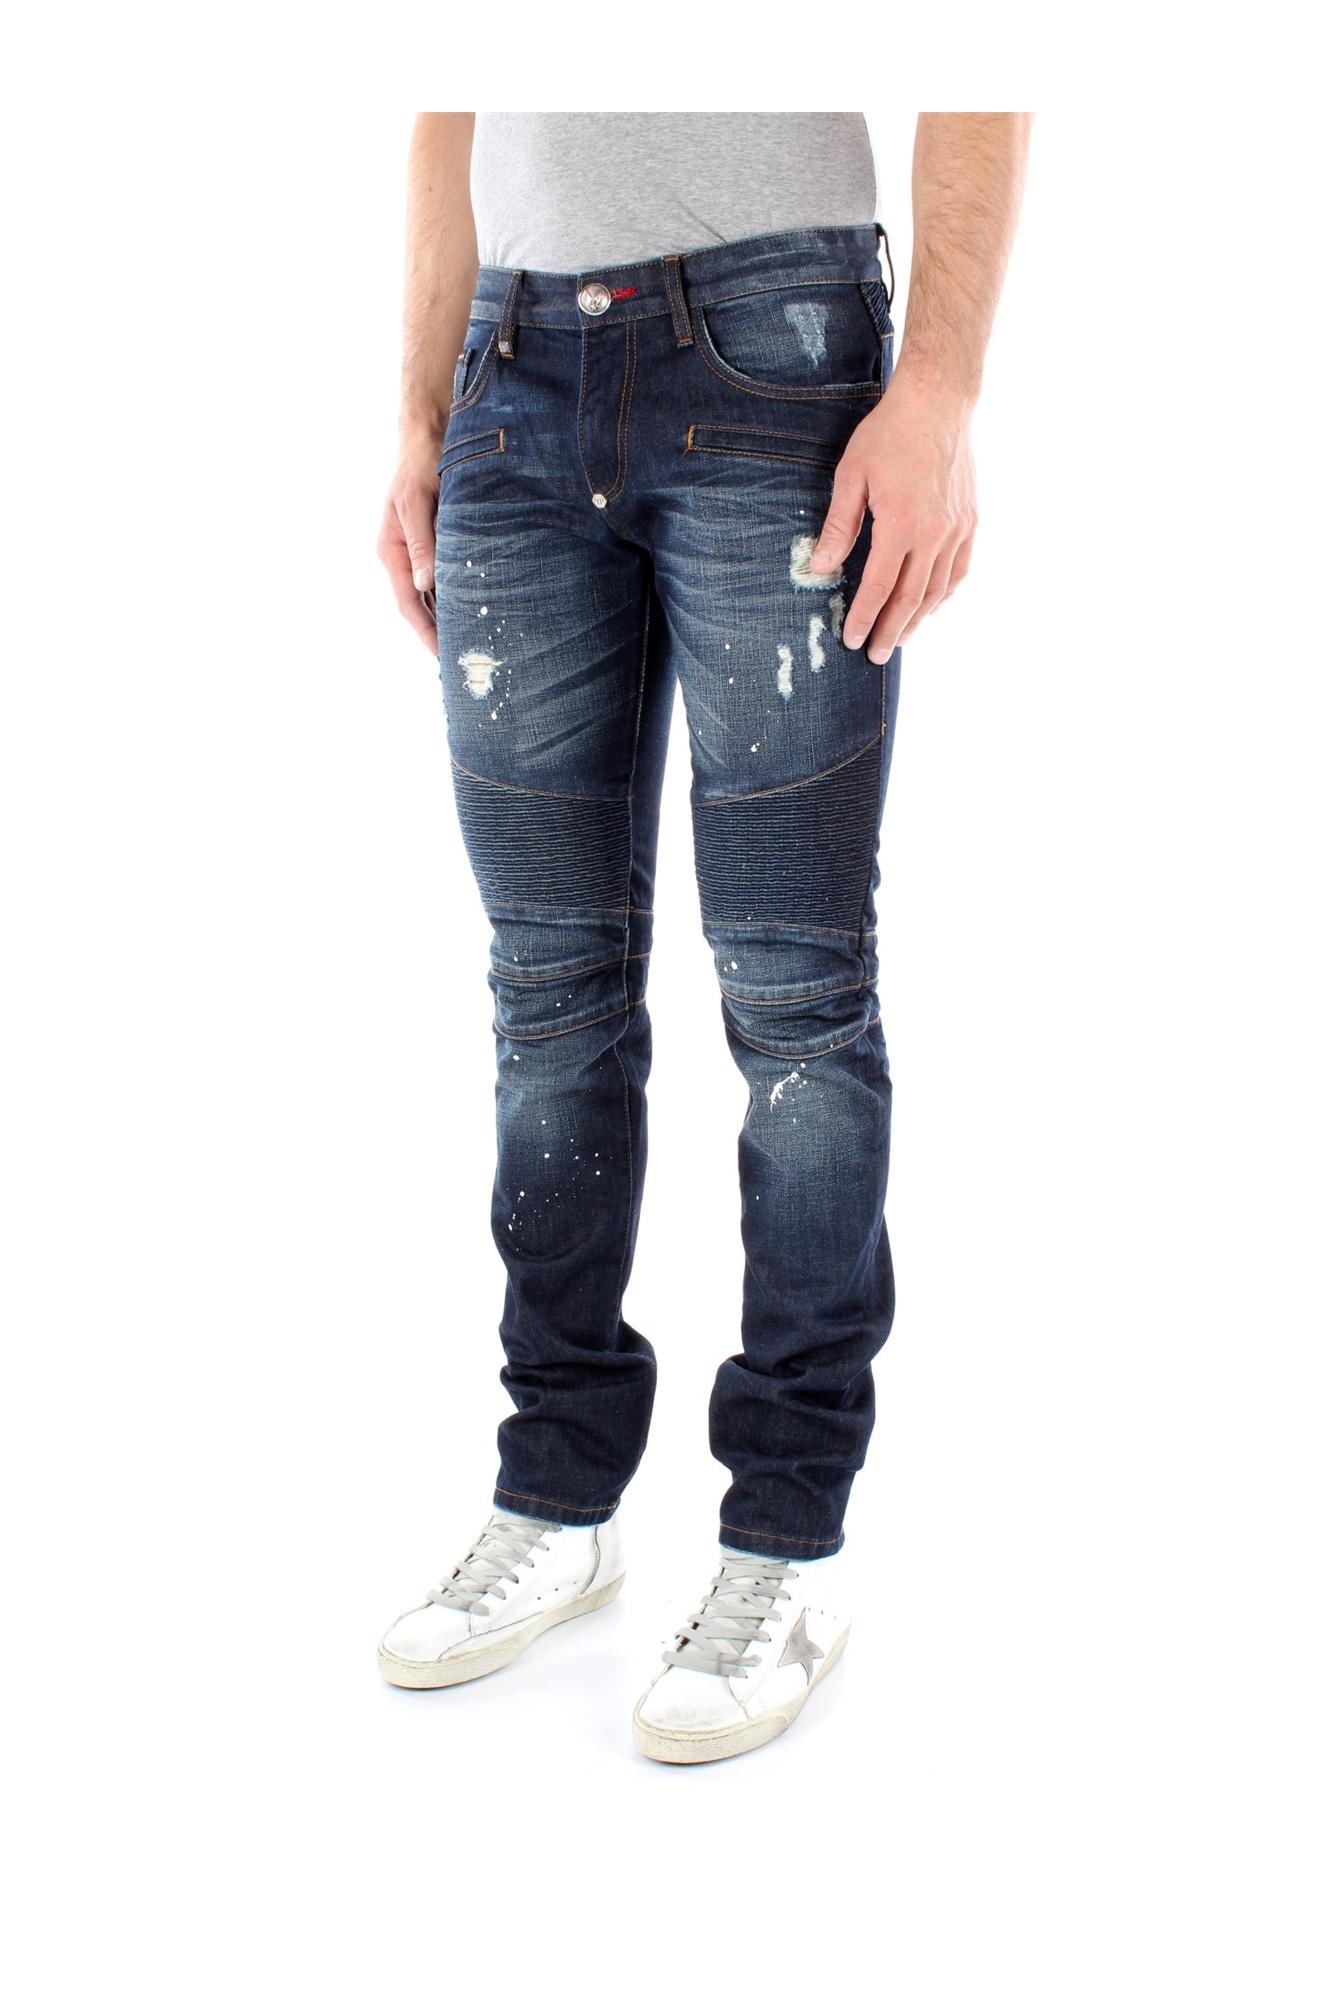 jeans philipp plein herren baumwolle blau hm59528014zb ebay. Black Bedroom Furniture Sets. Home Design Ideas